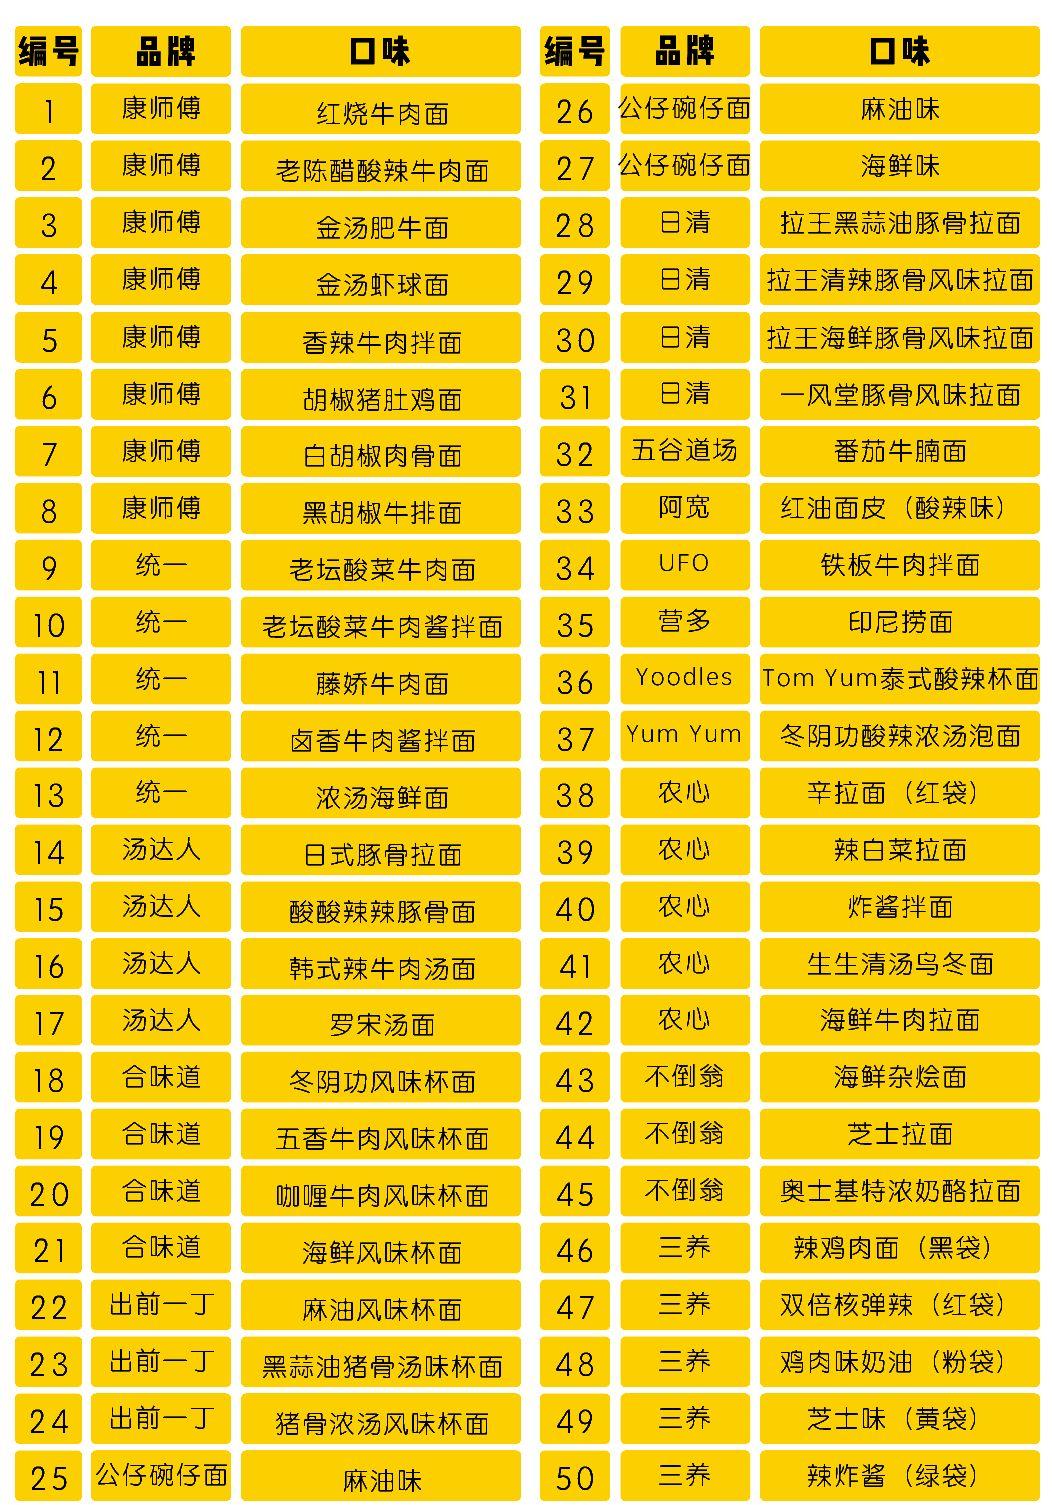 全网销量最高的50款泡面,谁才是真正的No.1图3